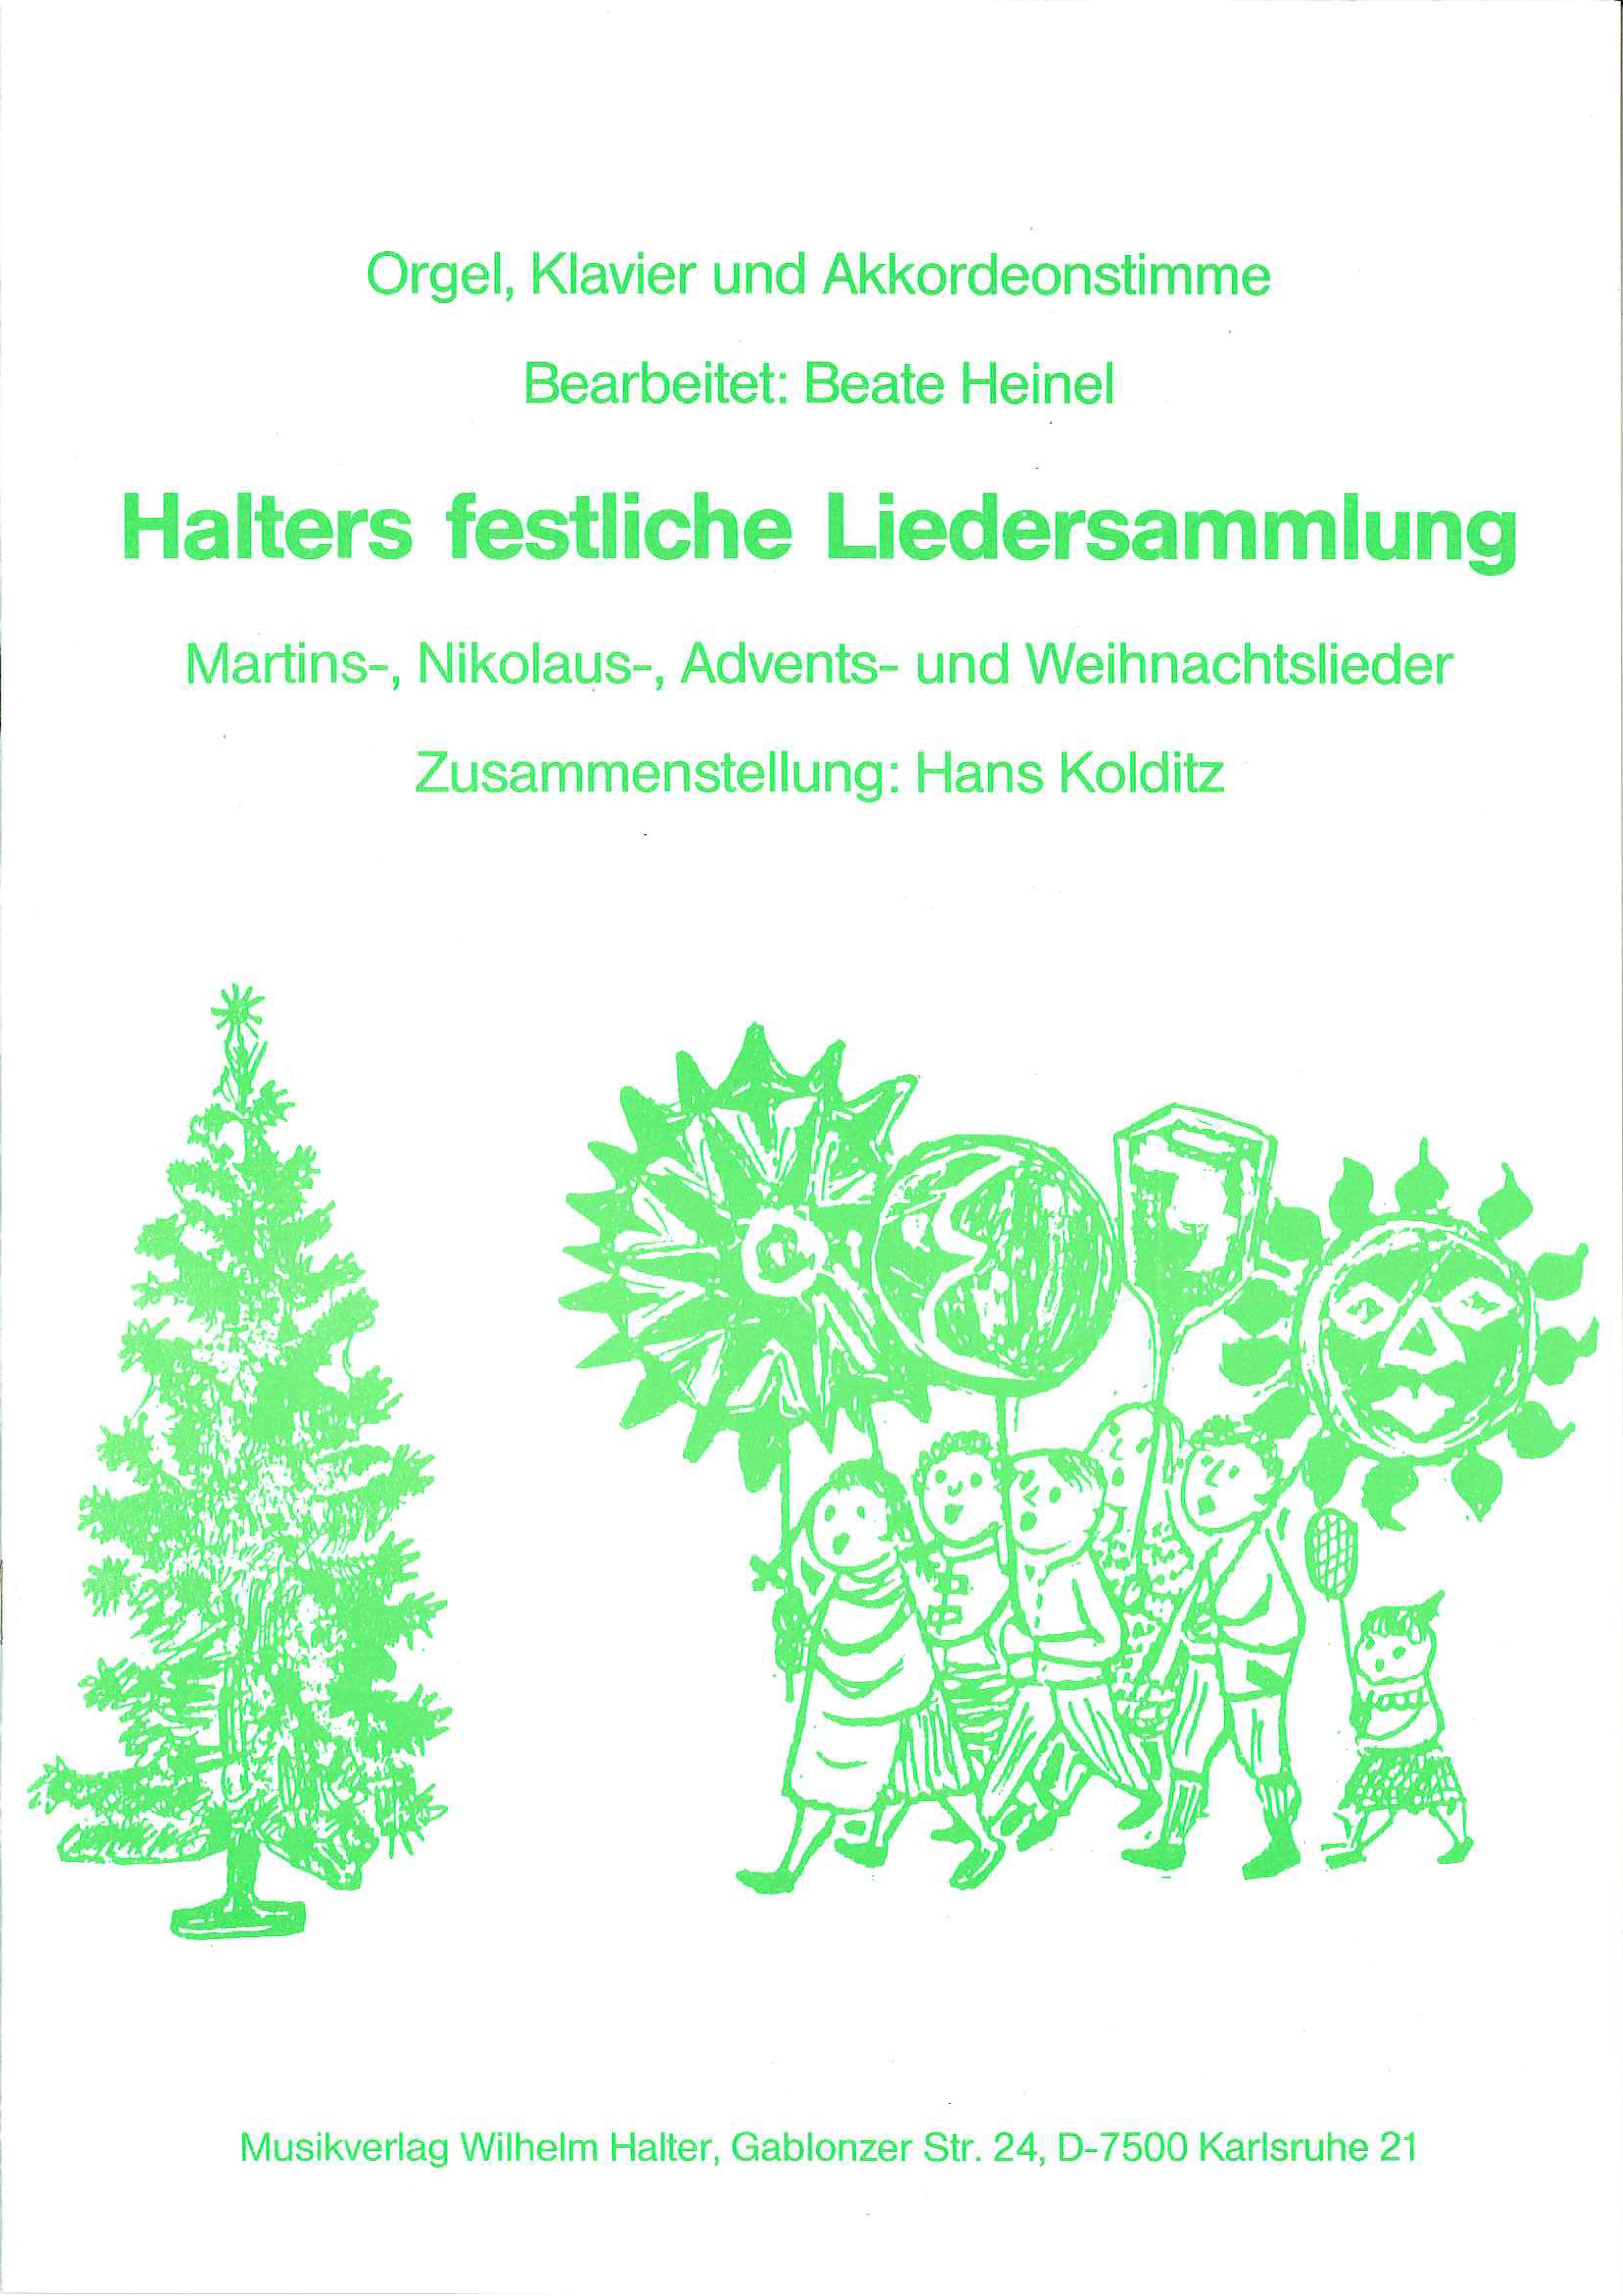 Halters festliche Liedersammlung-2043